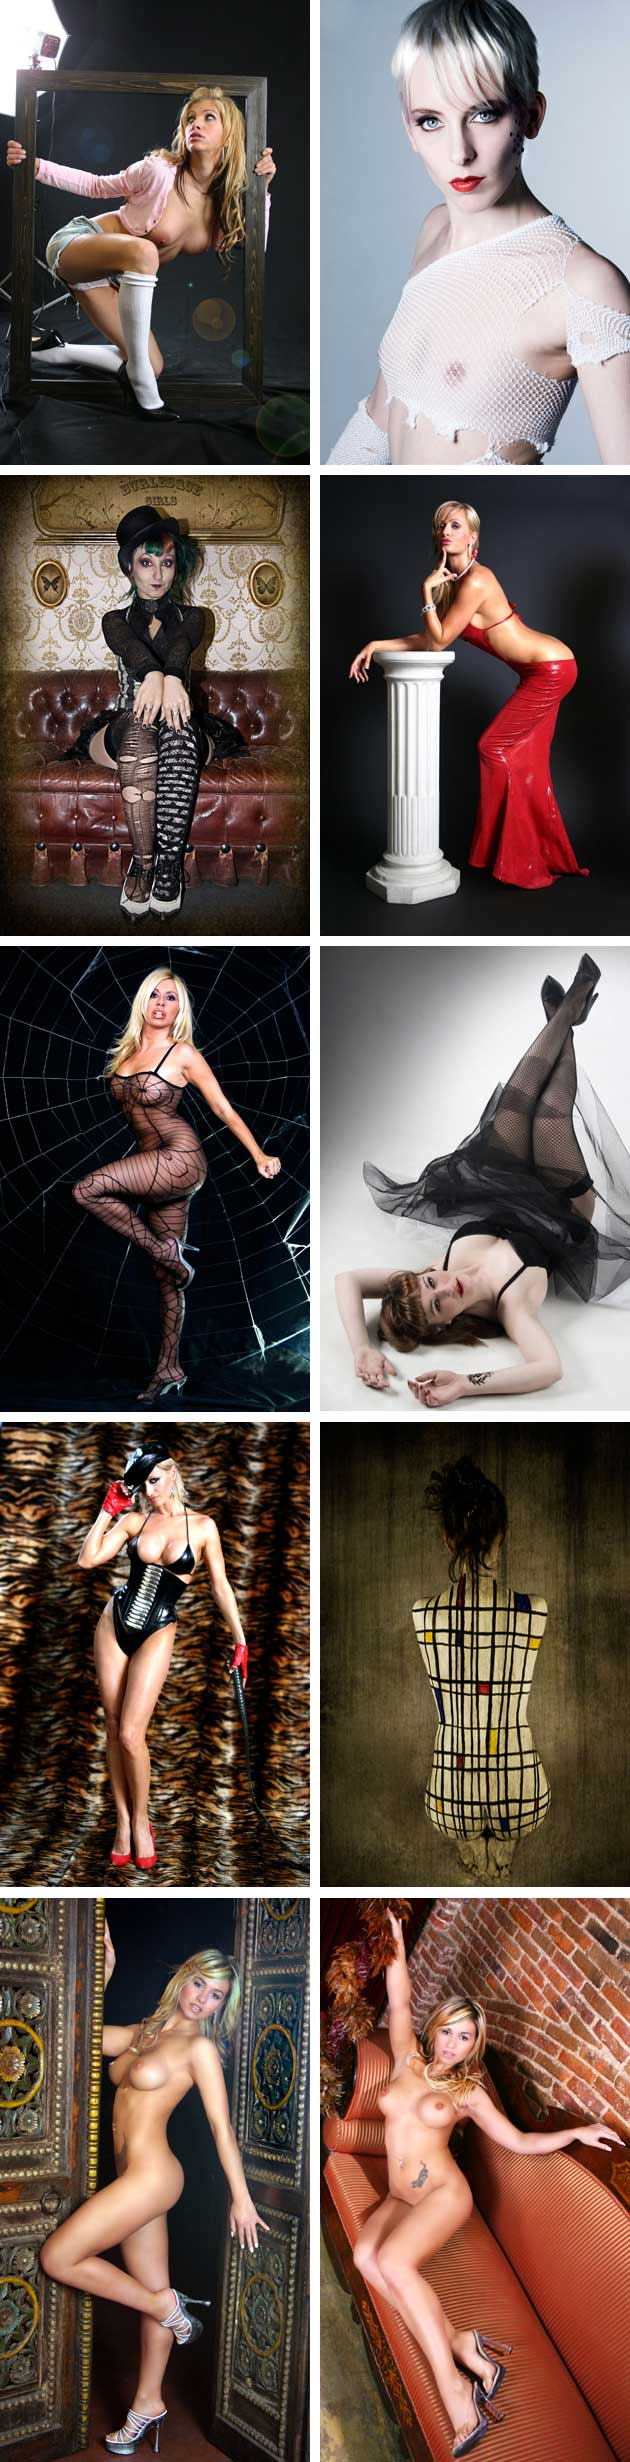 Cursos de fotografía. Desnudos goticos.